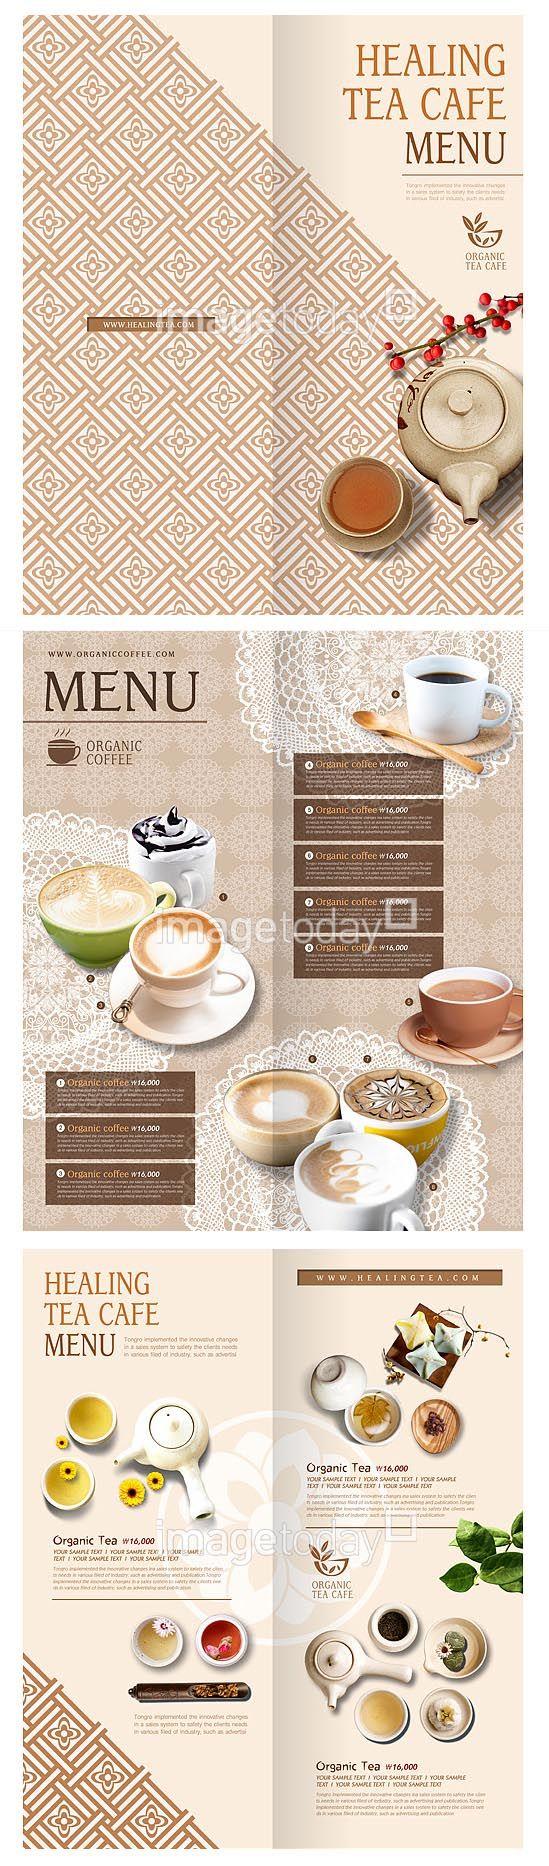 psd 디저트 디자인소스 브라운 백그라운드 메뉴 메뉴판 유기농 음식 전통 전통무늬 무늬 차 한국전통 표지 출판 패턴 편집디자인 커피…